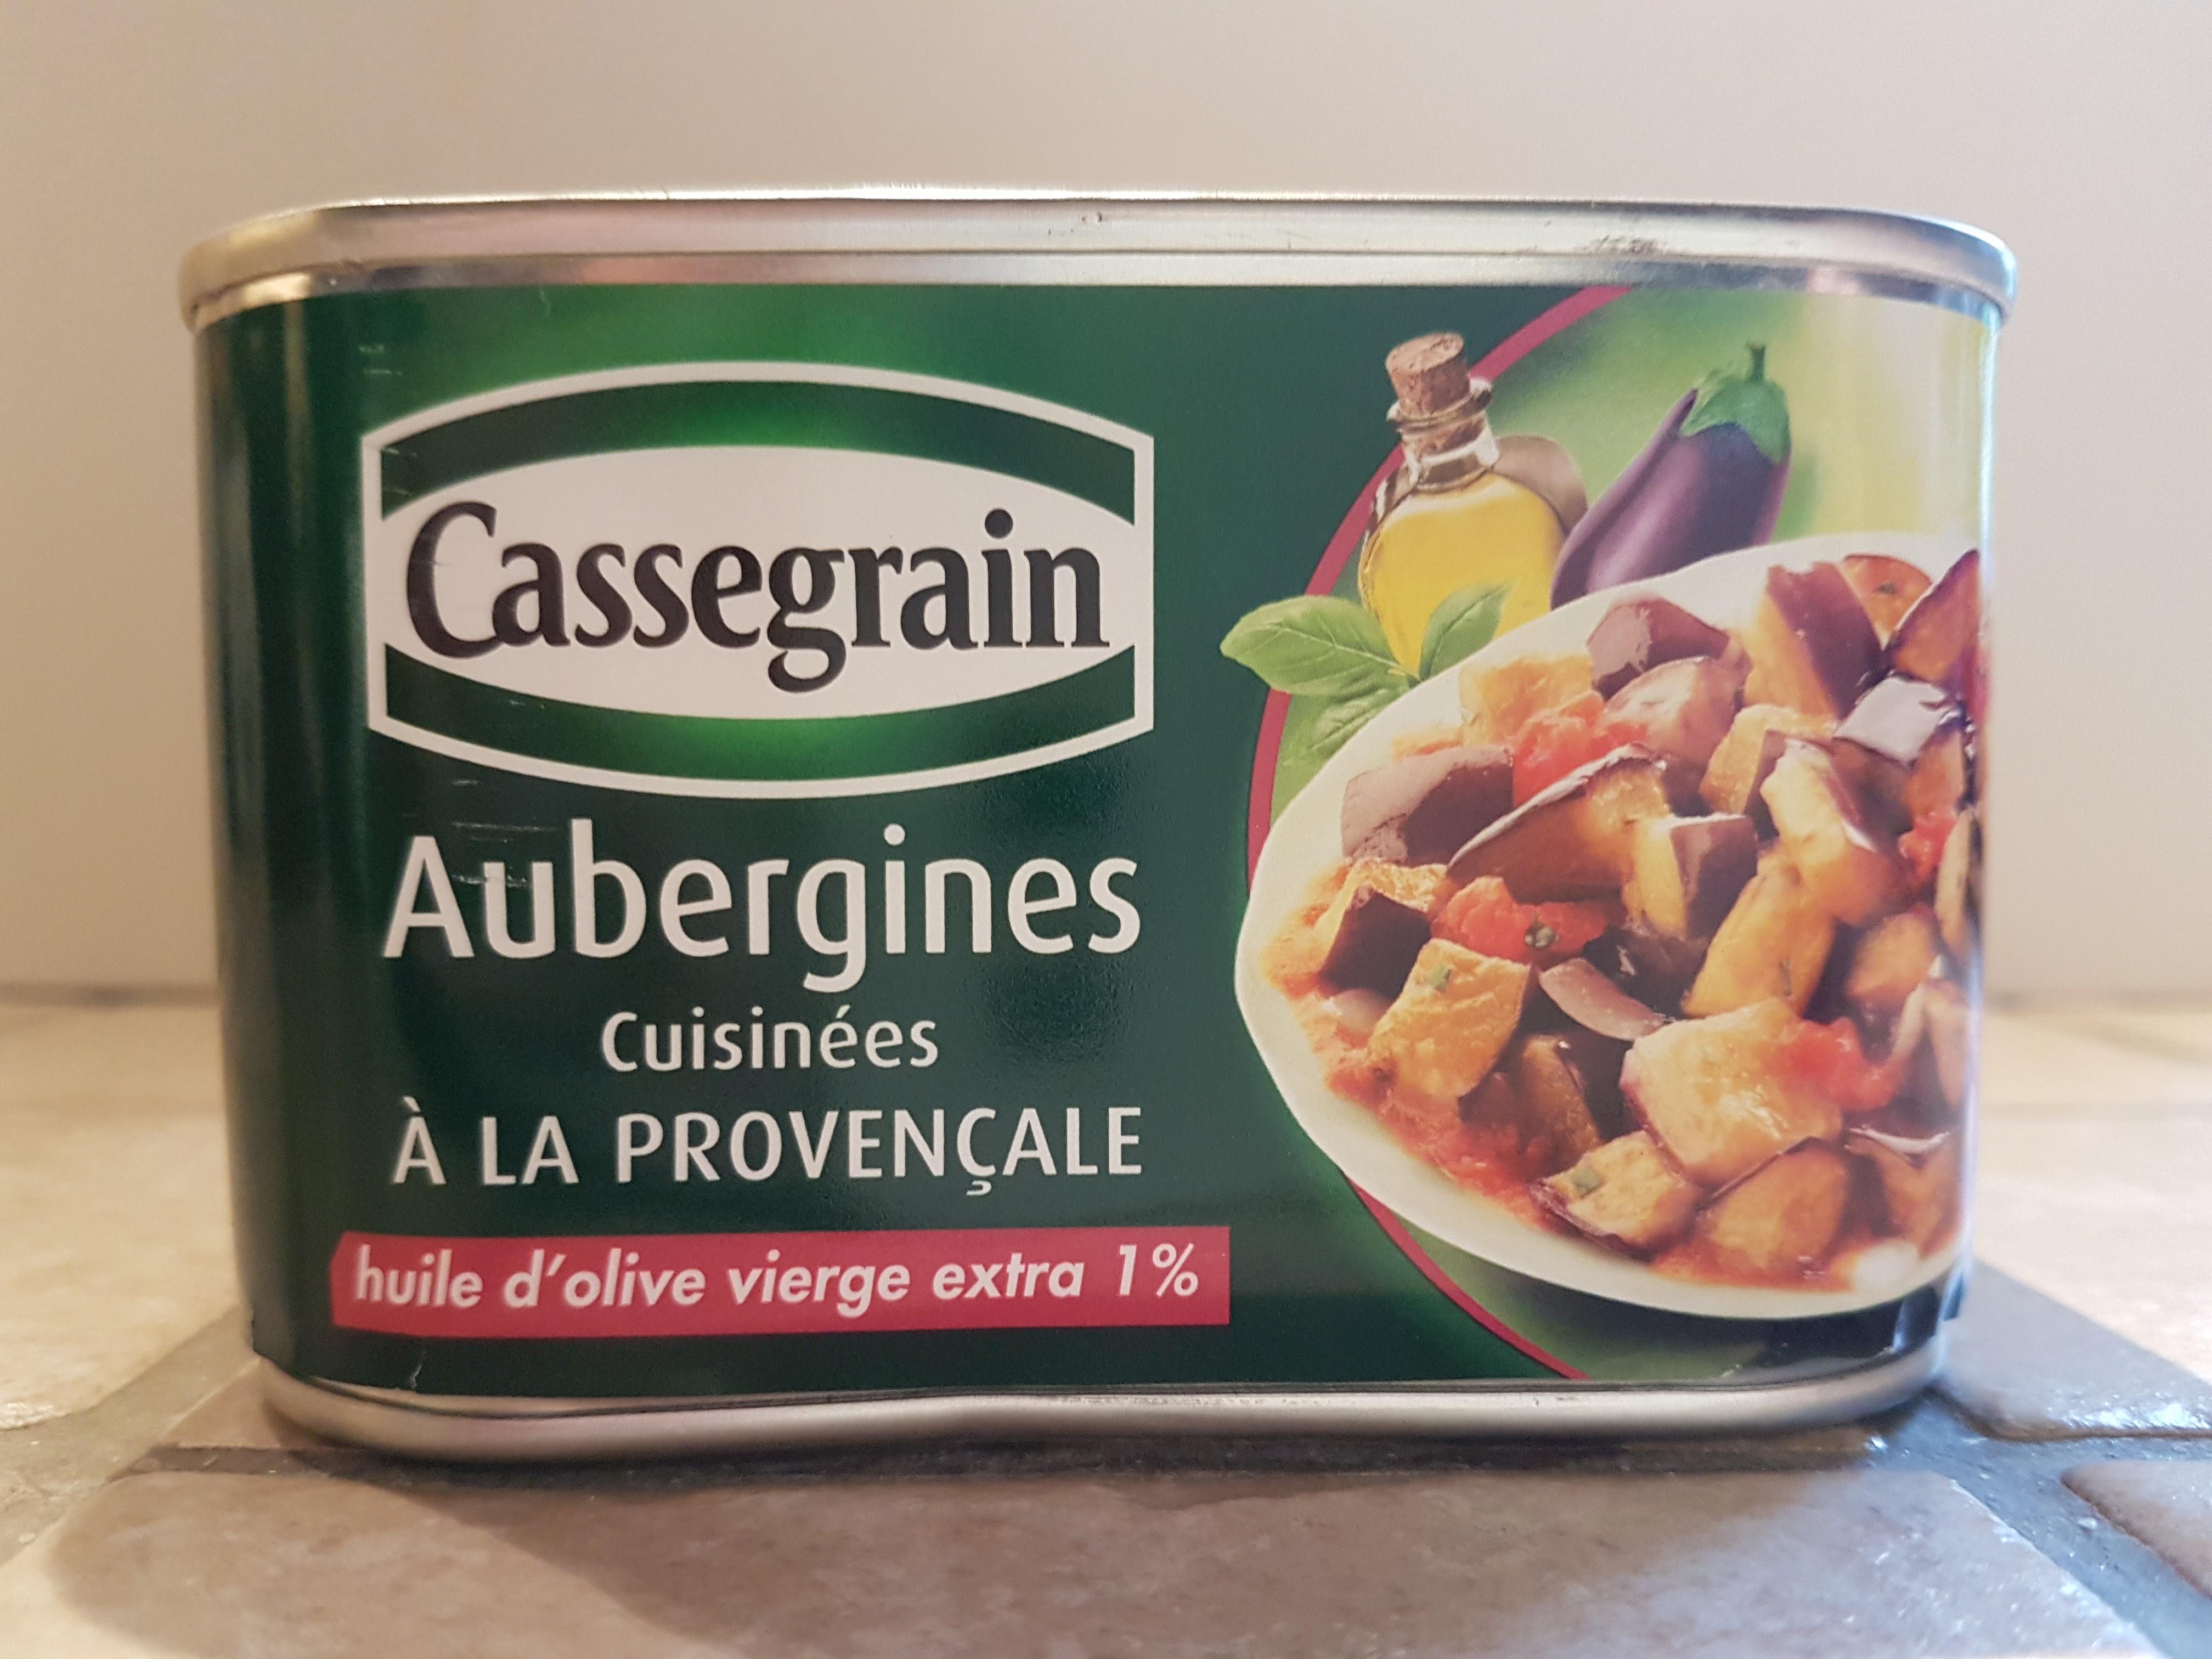 Cassegrain - Cassegrain-9.jpg